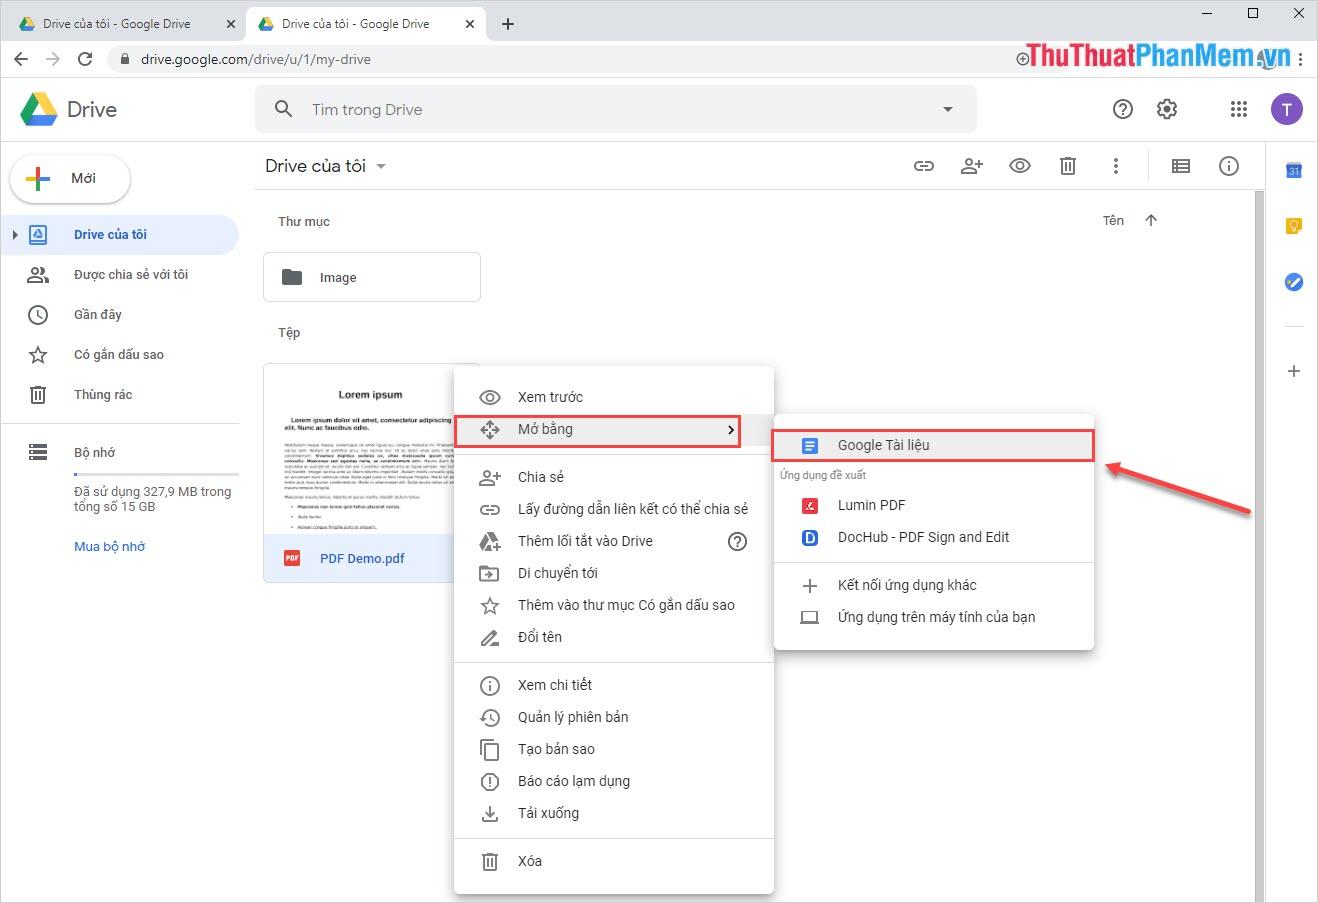 Chọn Google Tài liệu (Open With - Google Docs)